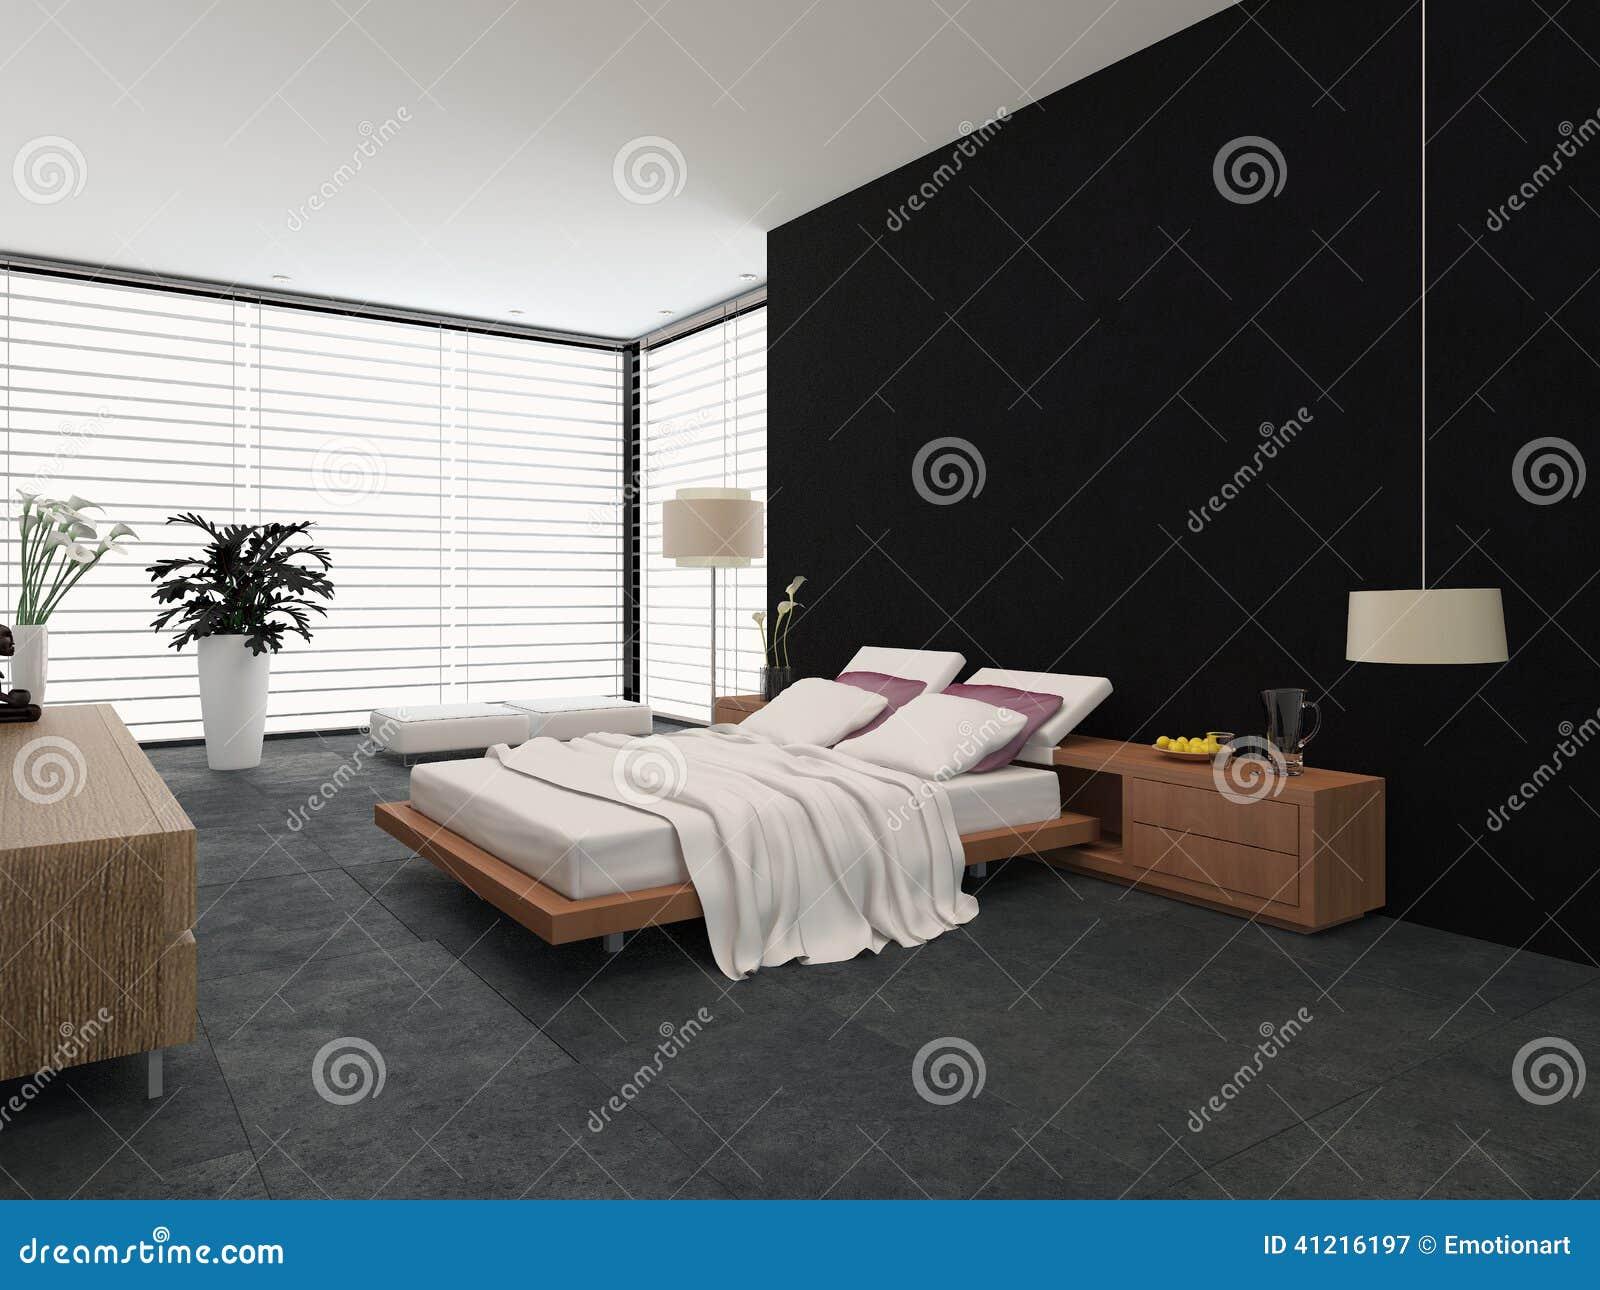 Moderne slaapkamer met zwart wit decor stock illustratie